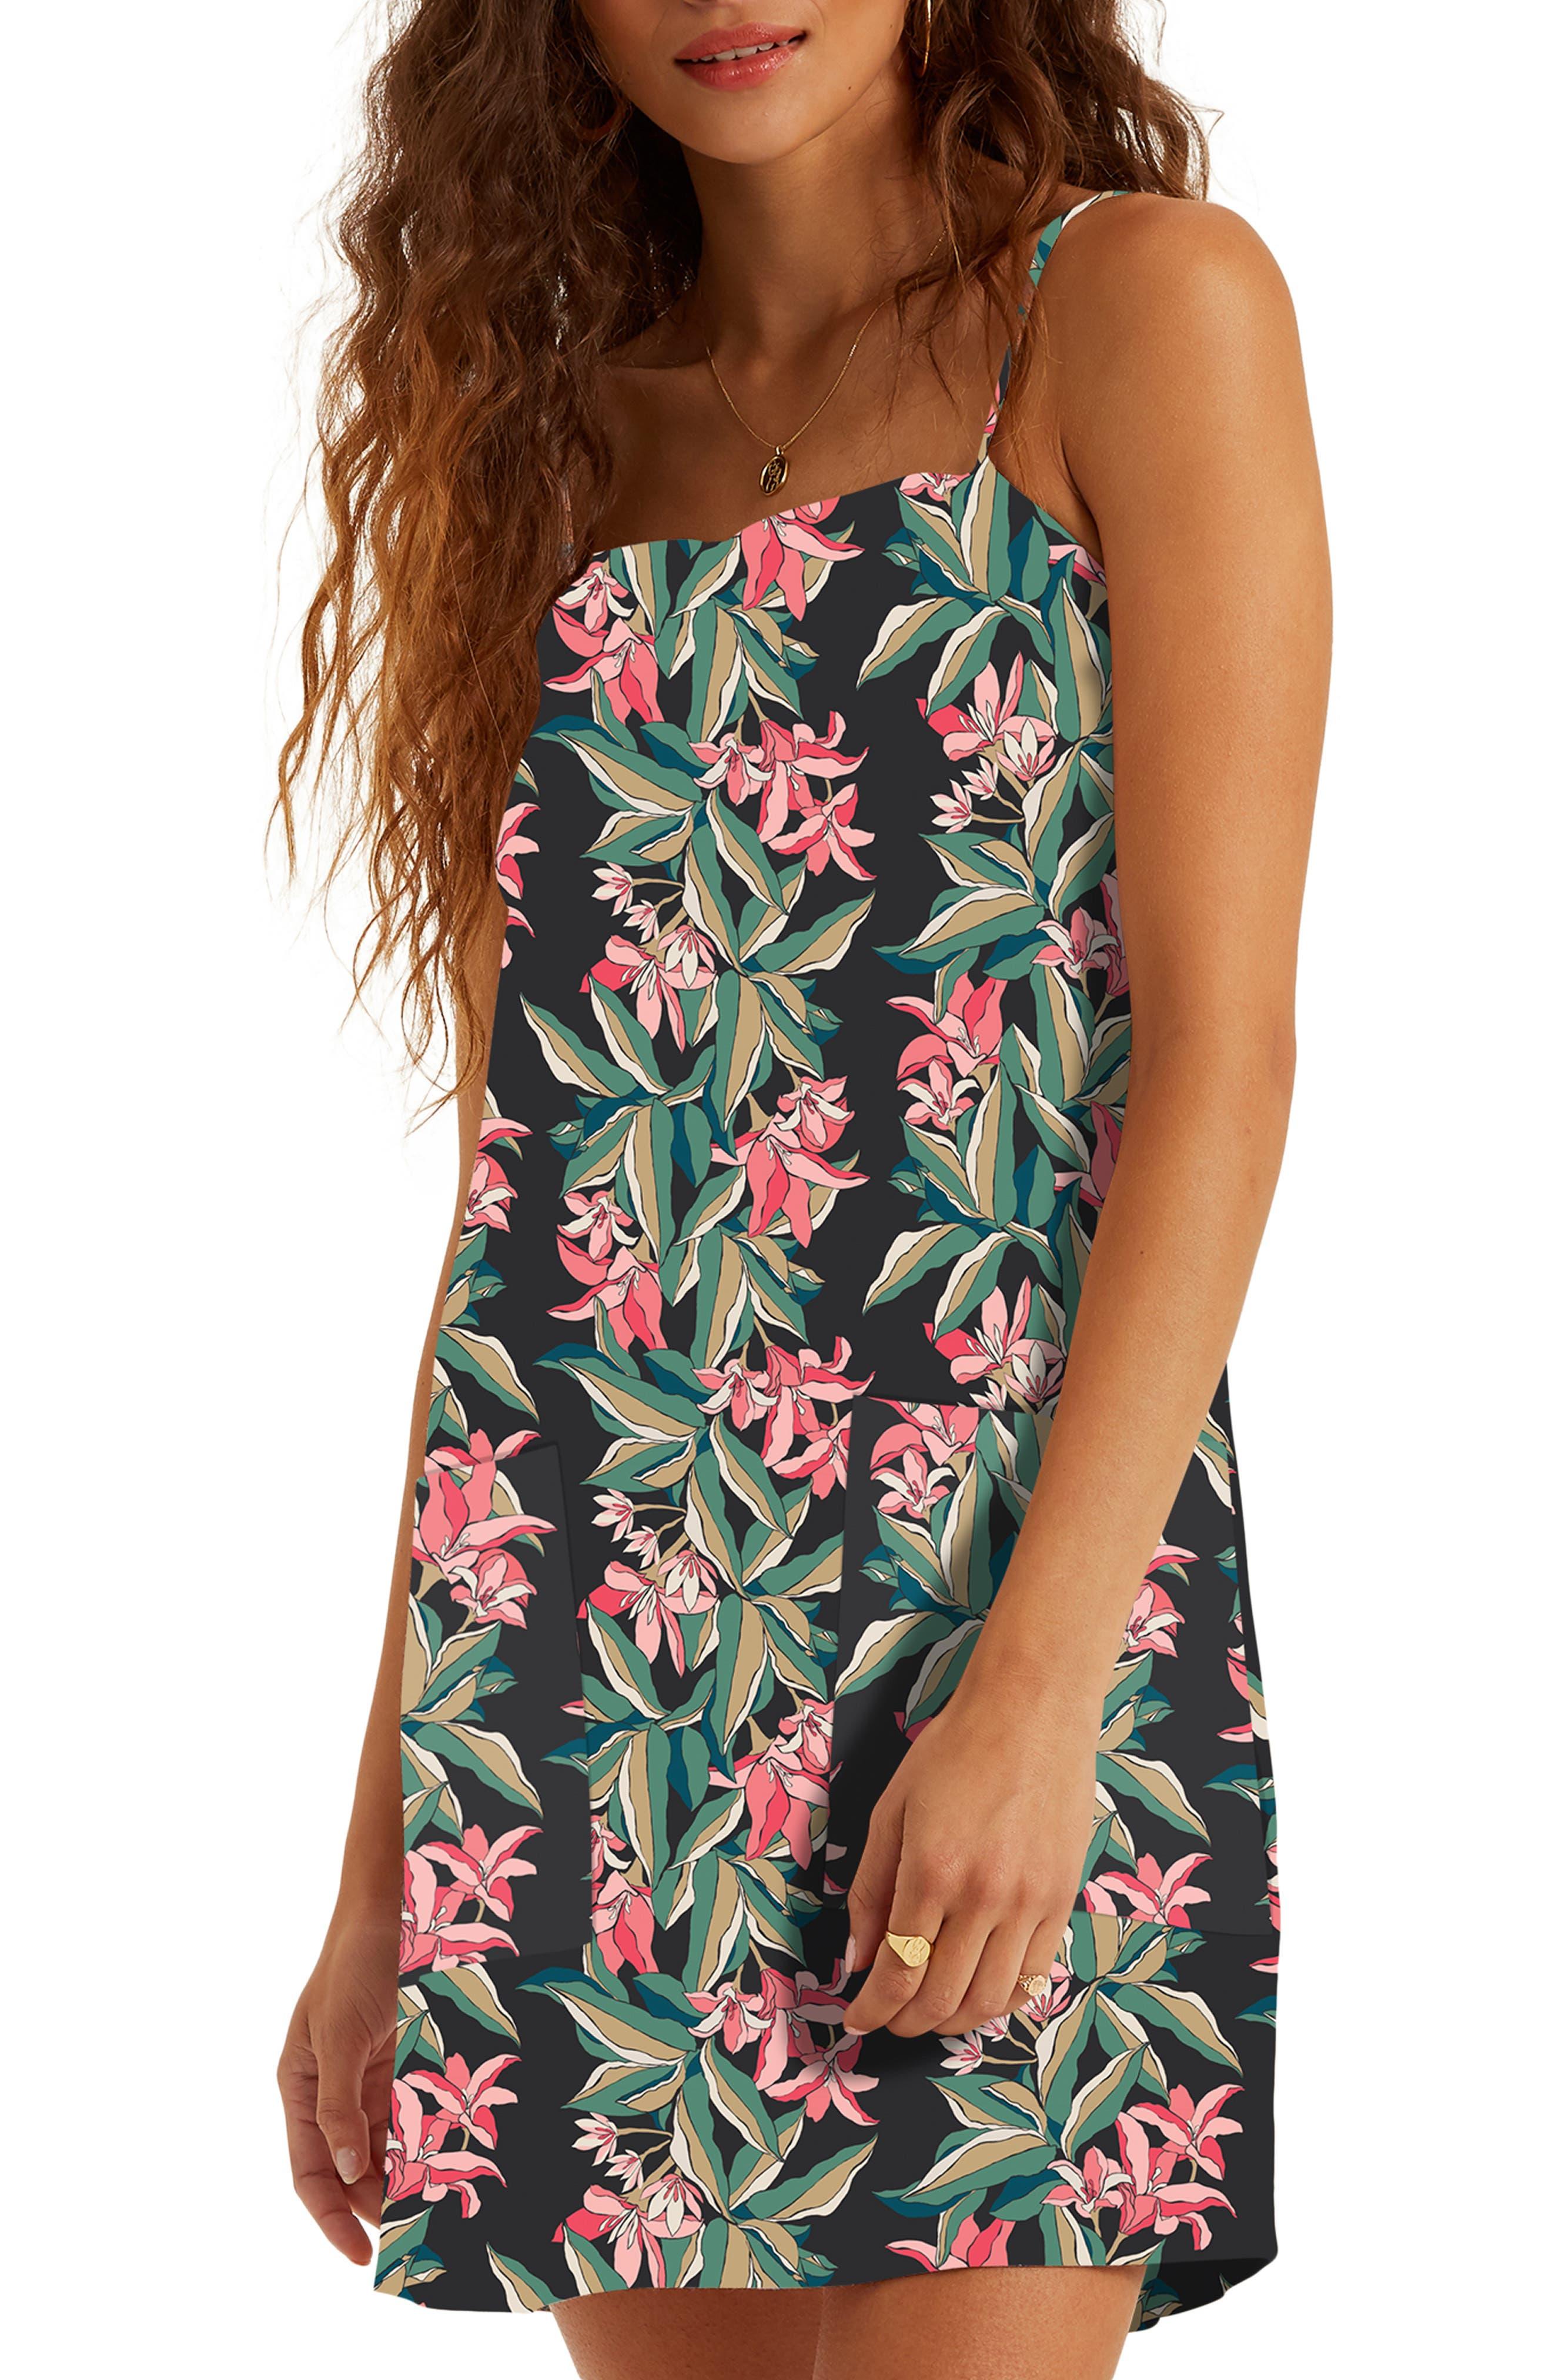 Image of Billabong Floral Print Slipdress